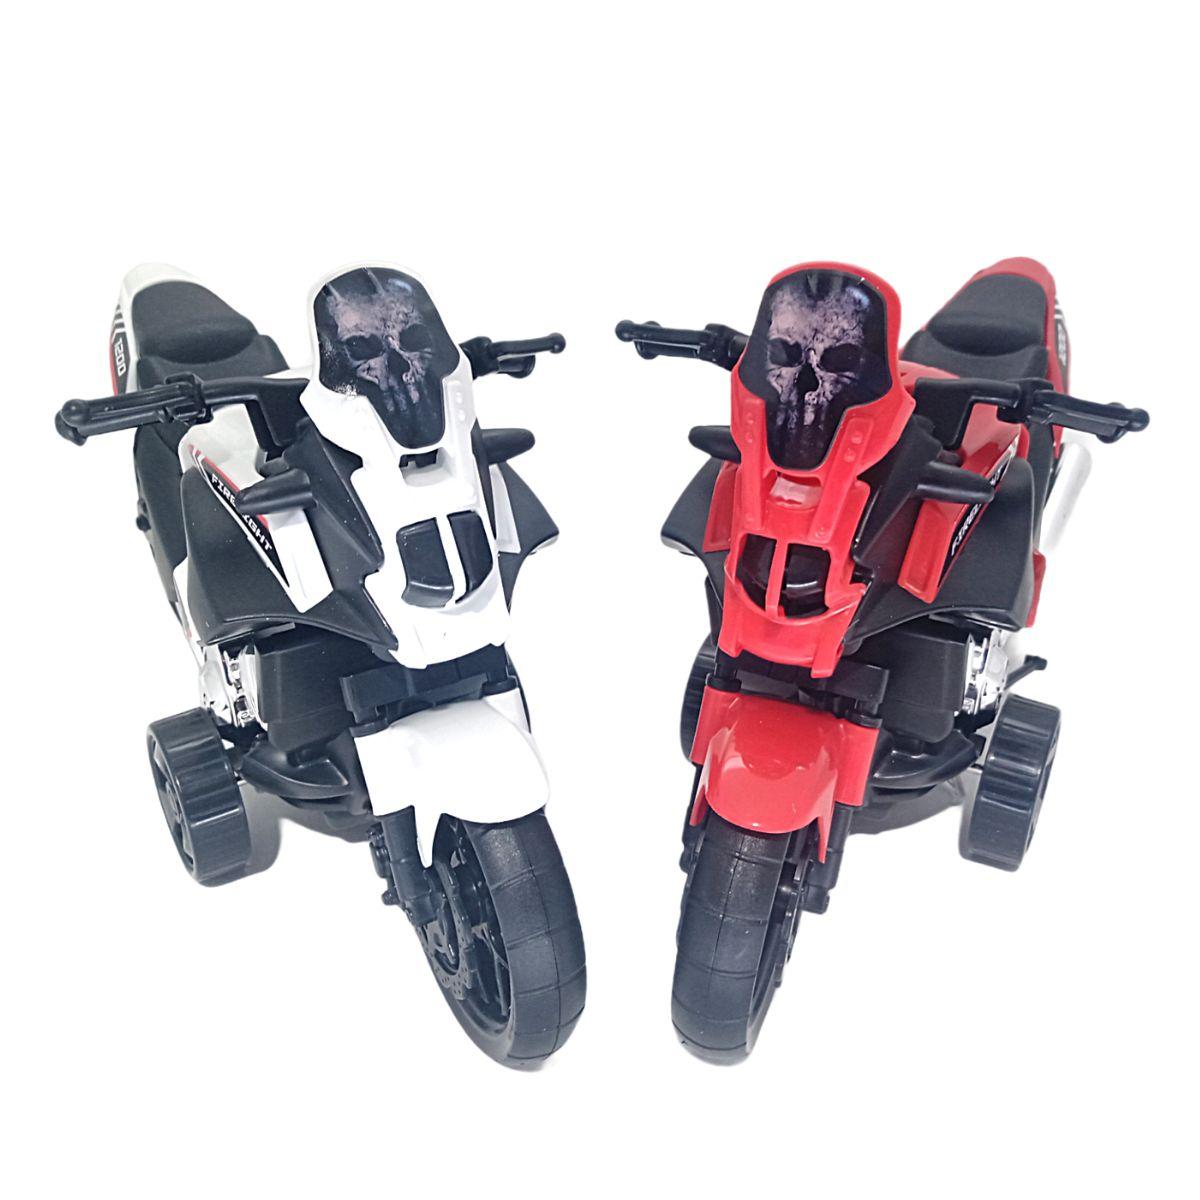 Moto de Brinquedo Fire Light C/ Fricção 2 modelos